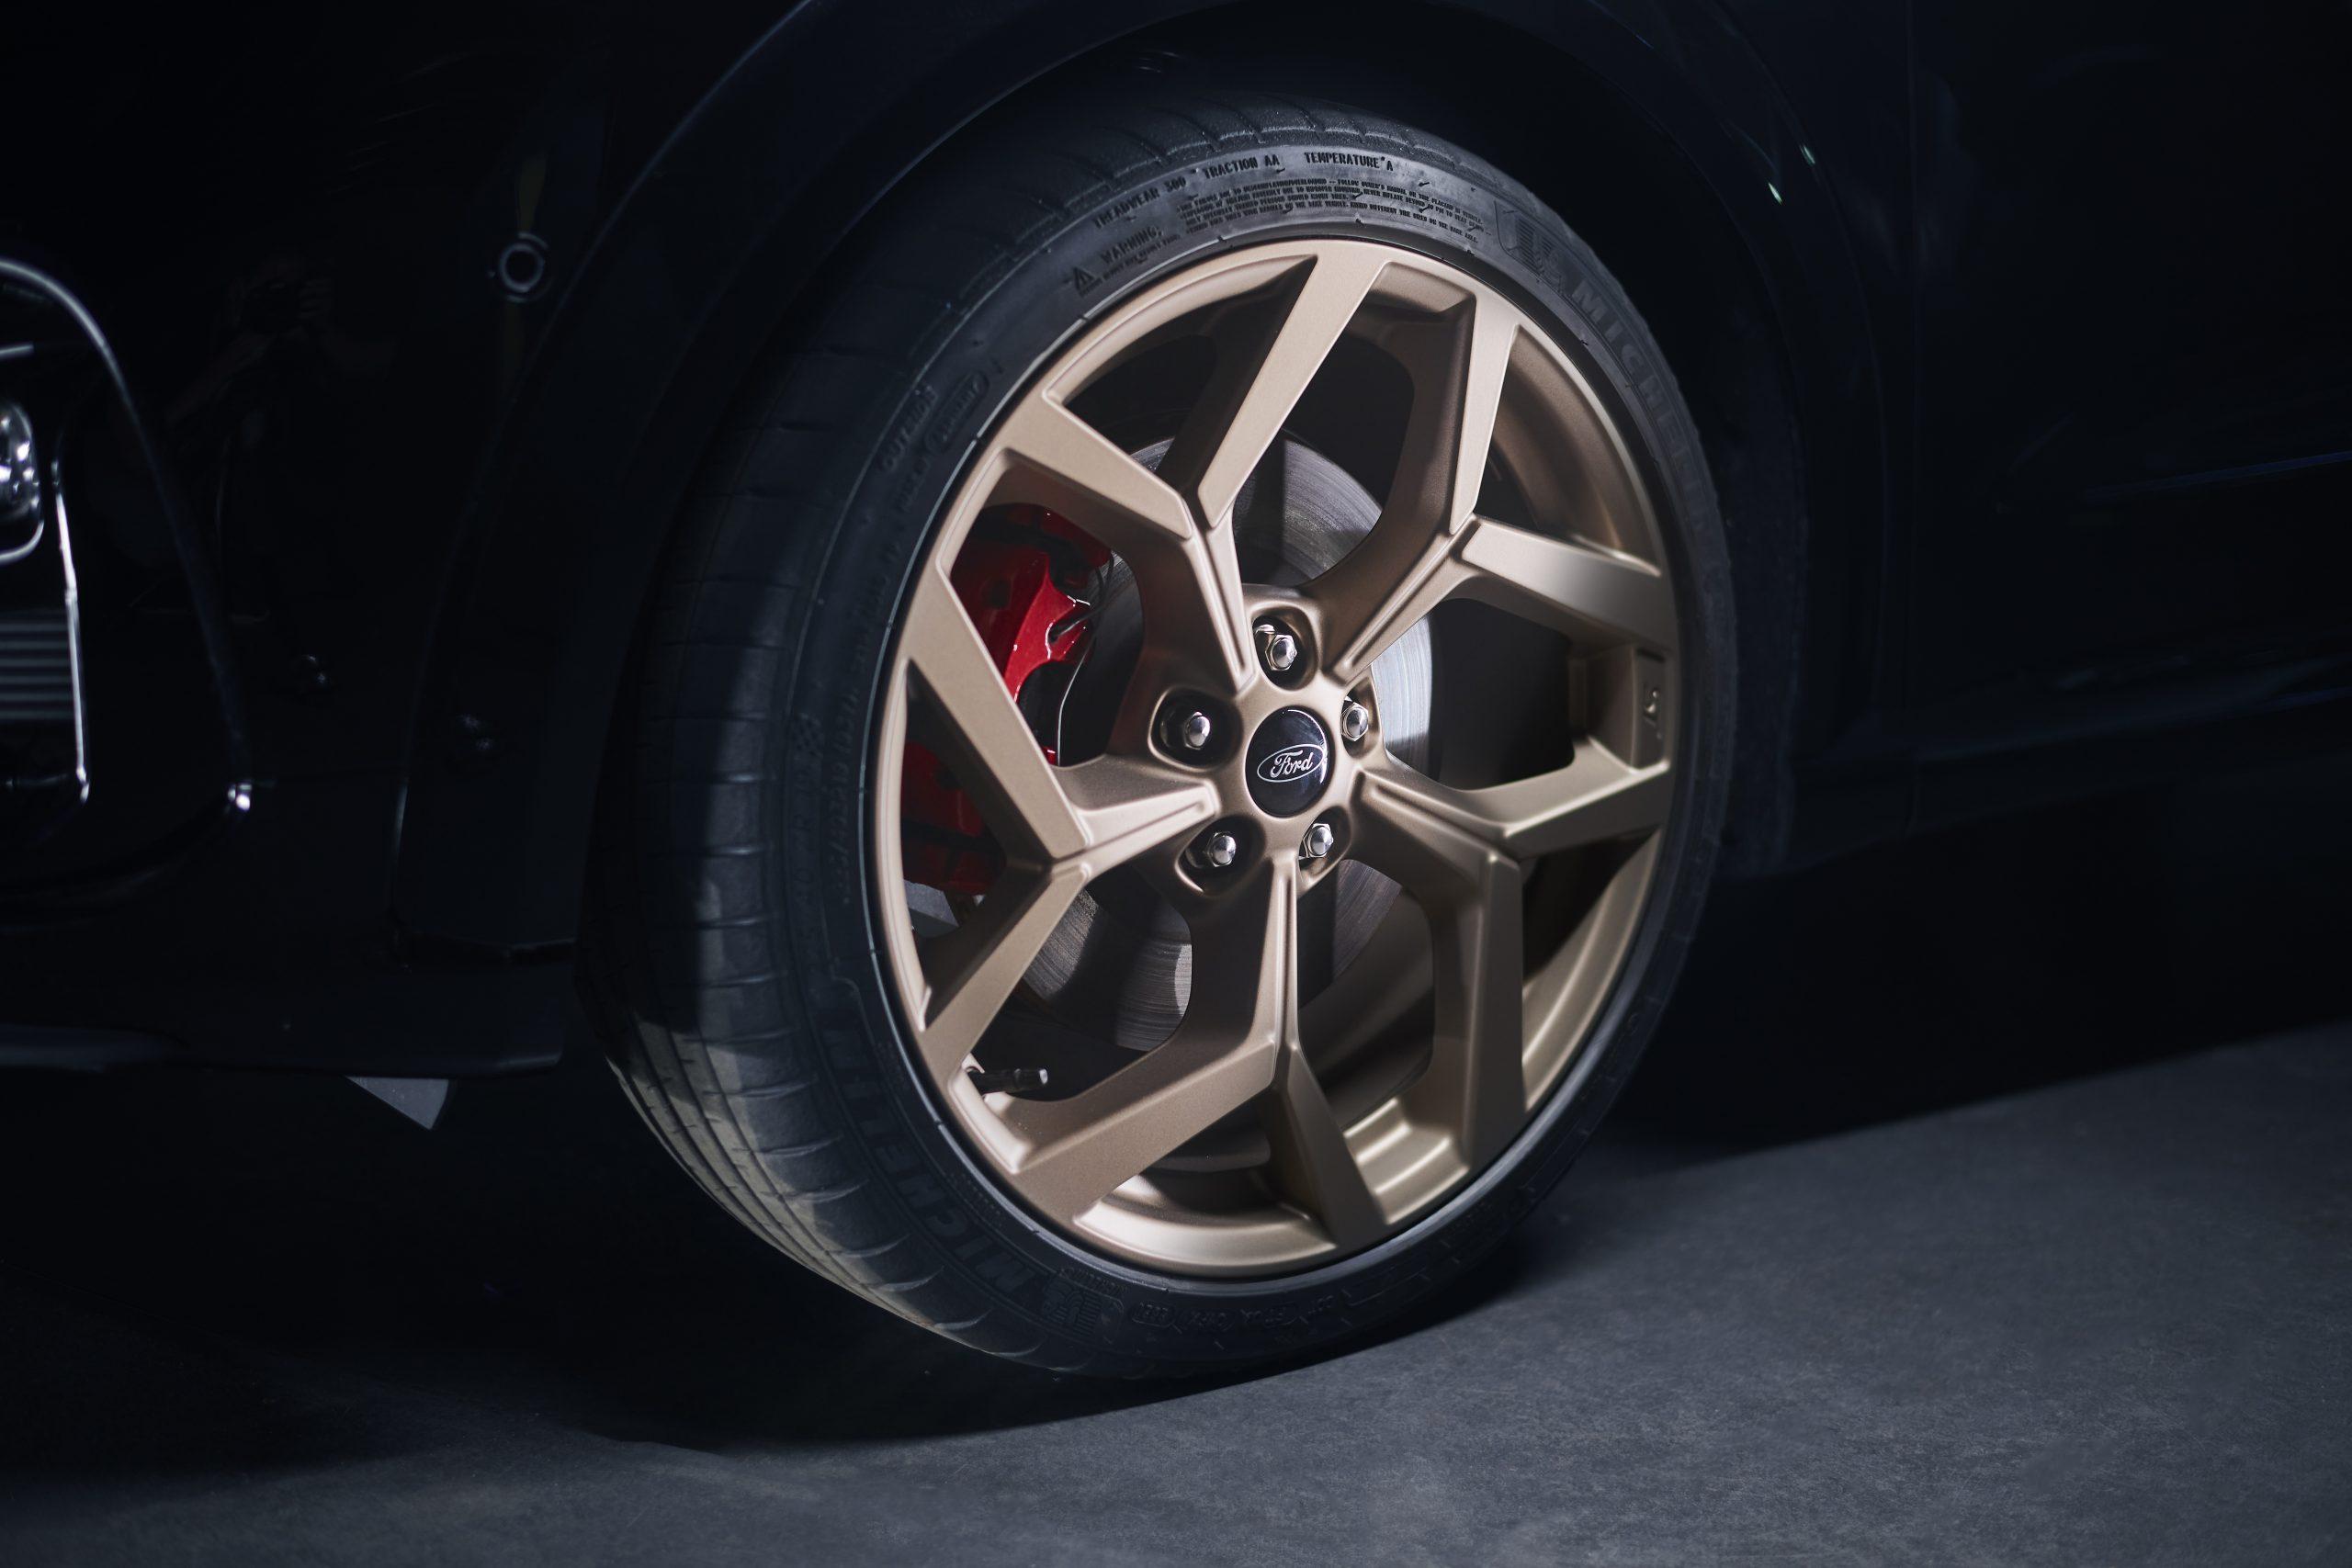 2021 FORD PUMA ST SIP 6 scaled Έρχεται το Ford Puma ST Gold Edition! Ford, Ford Puma, Puma, zblog, ειδήσεις, Νέα